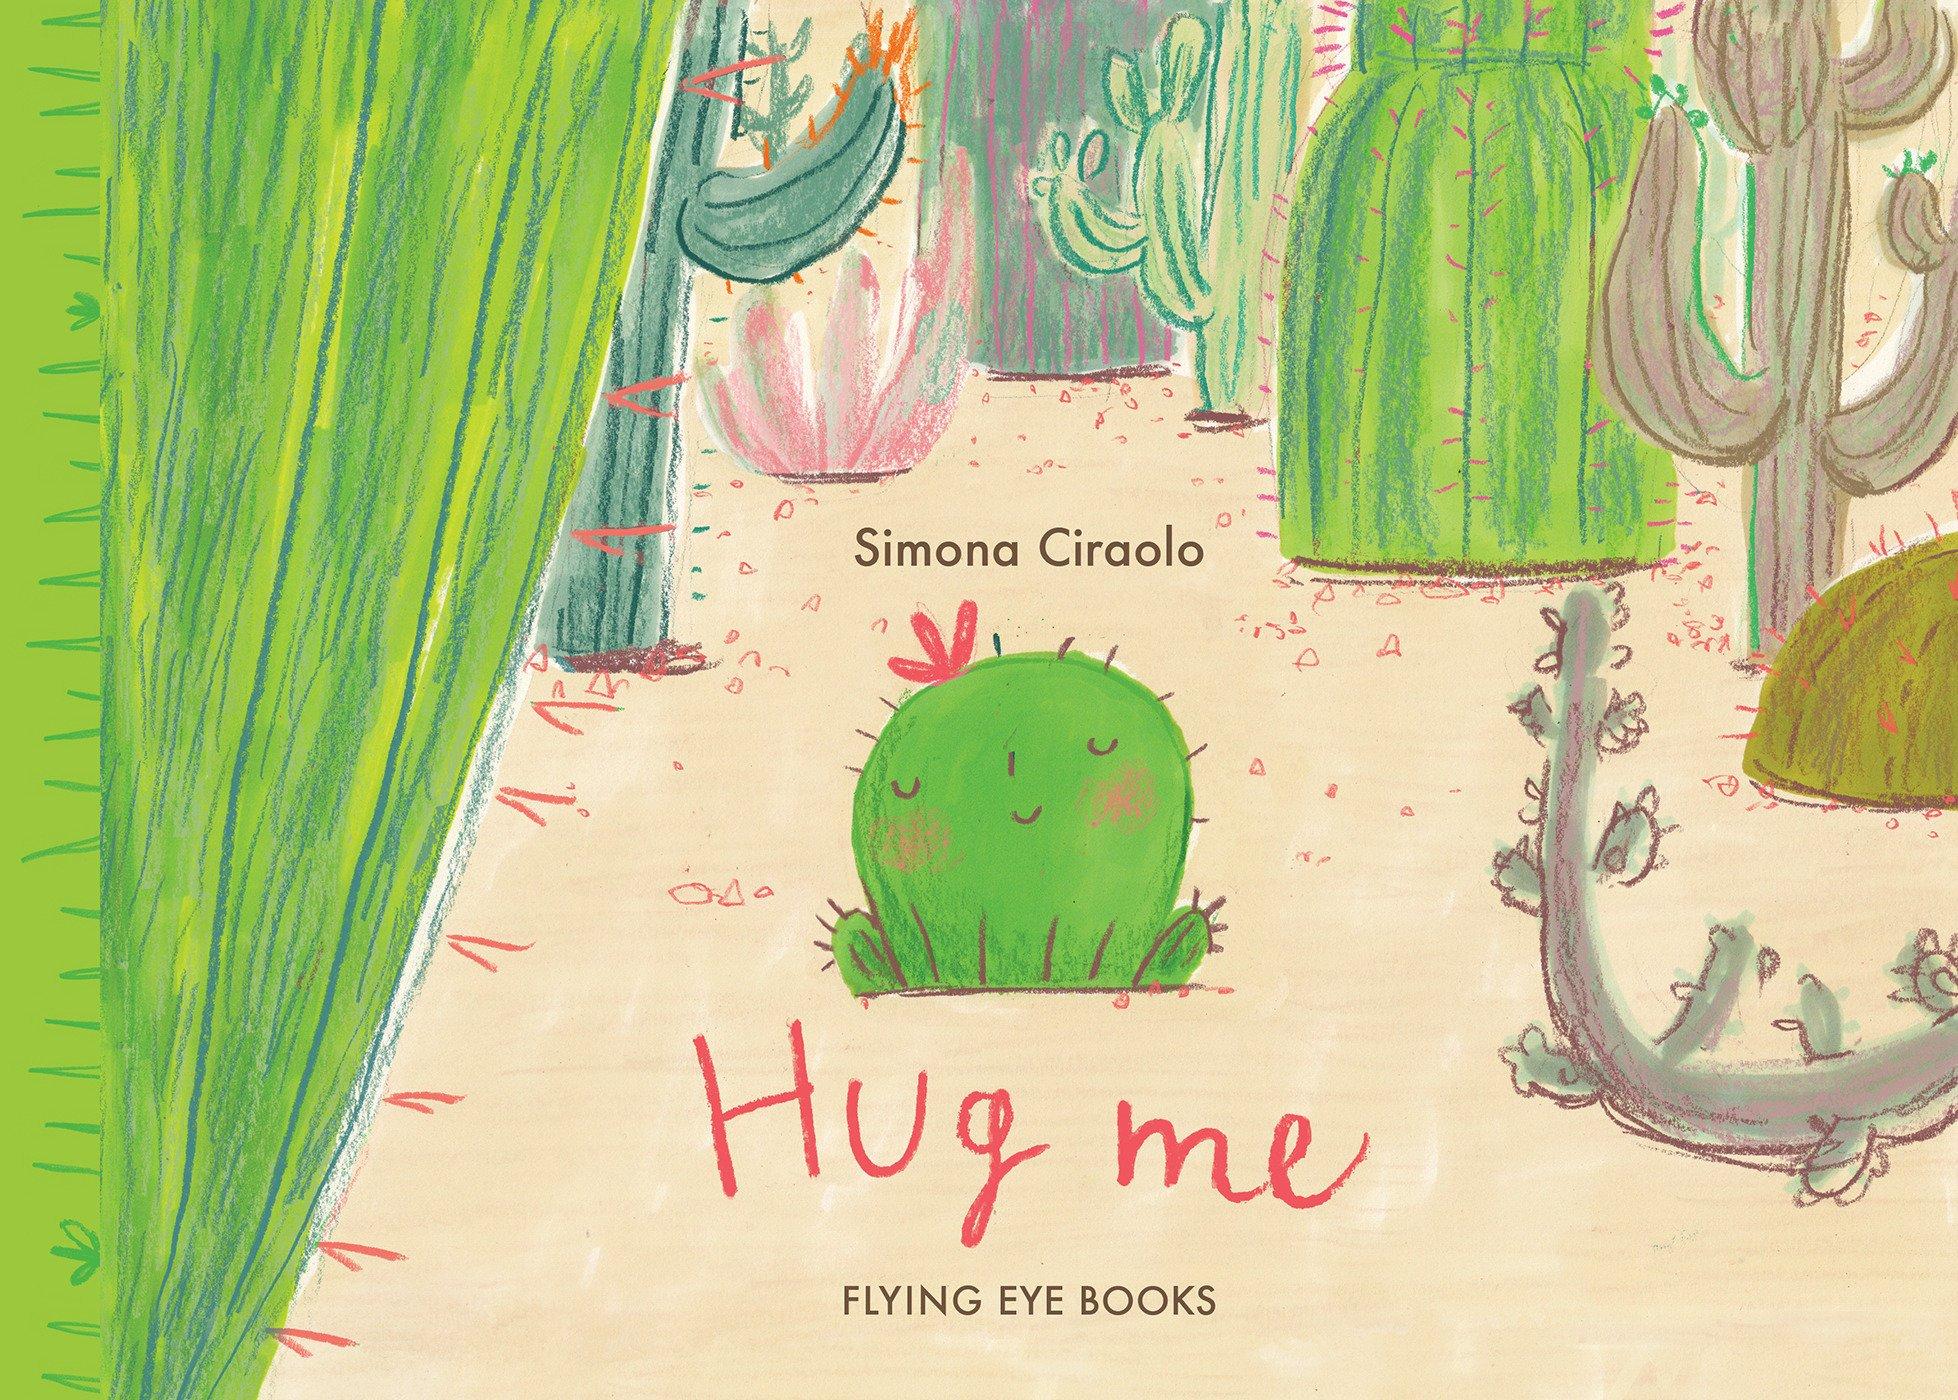 Image result for hug me simona ciraolo